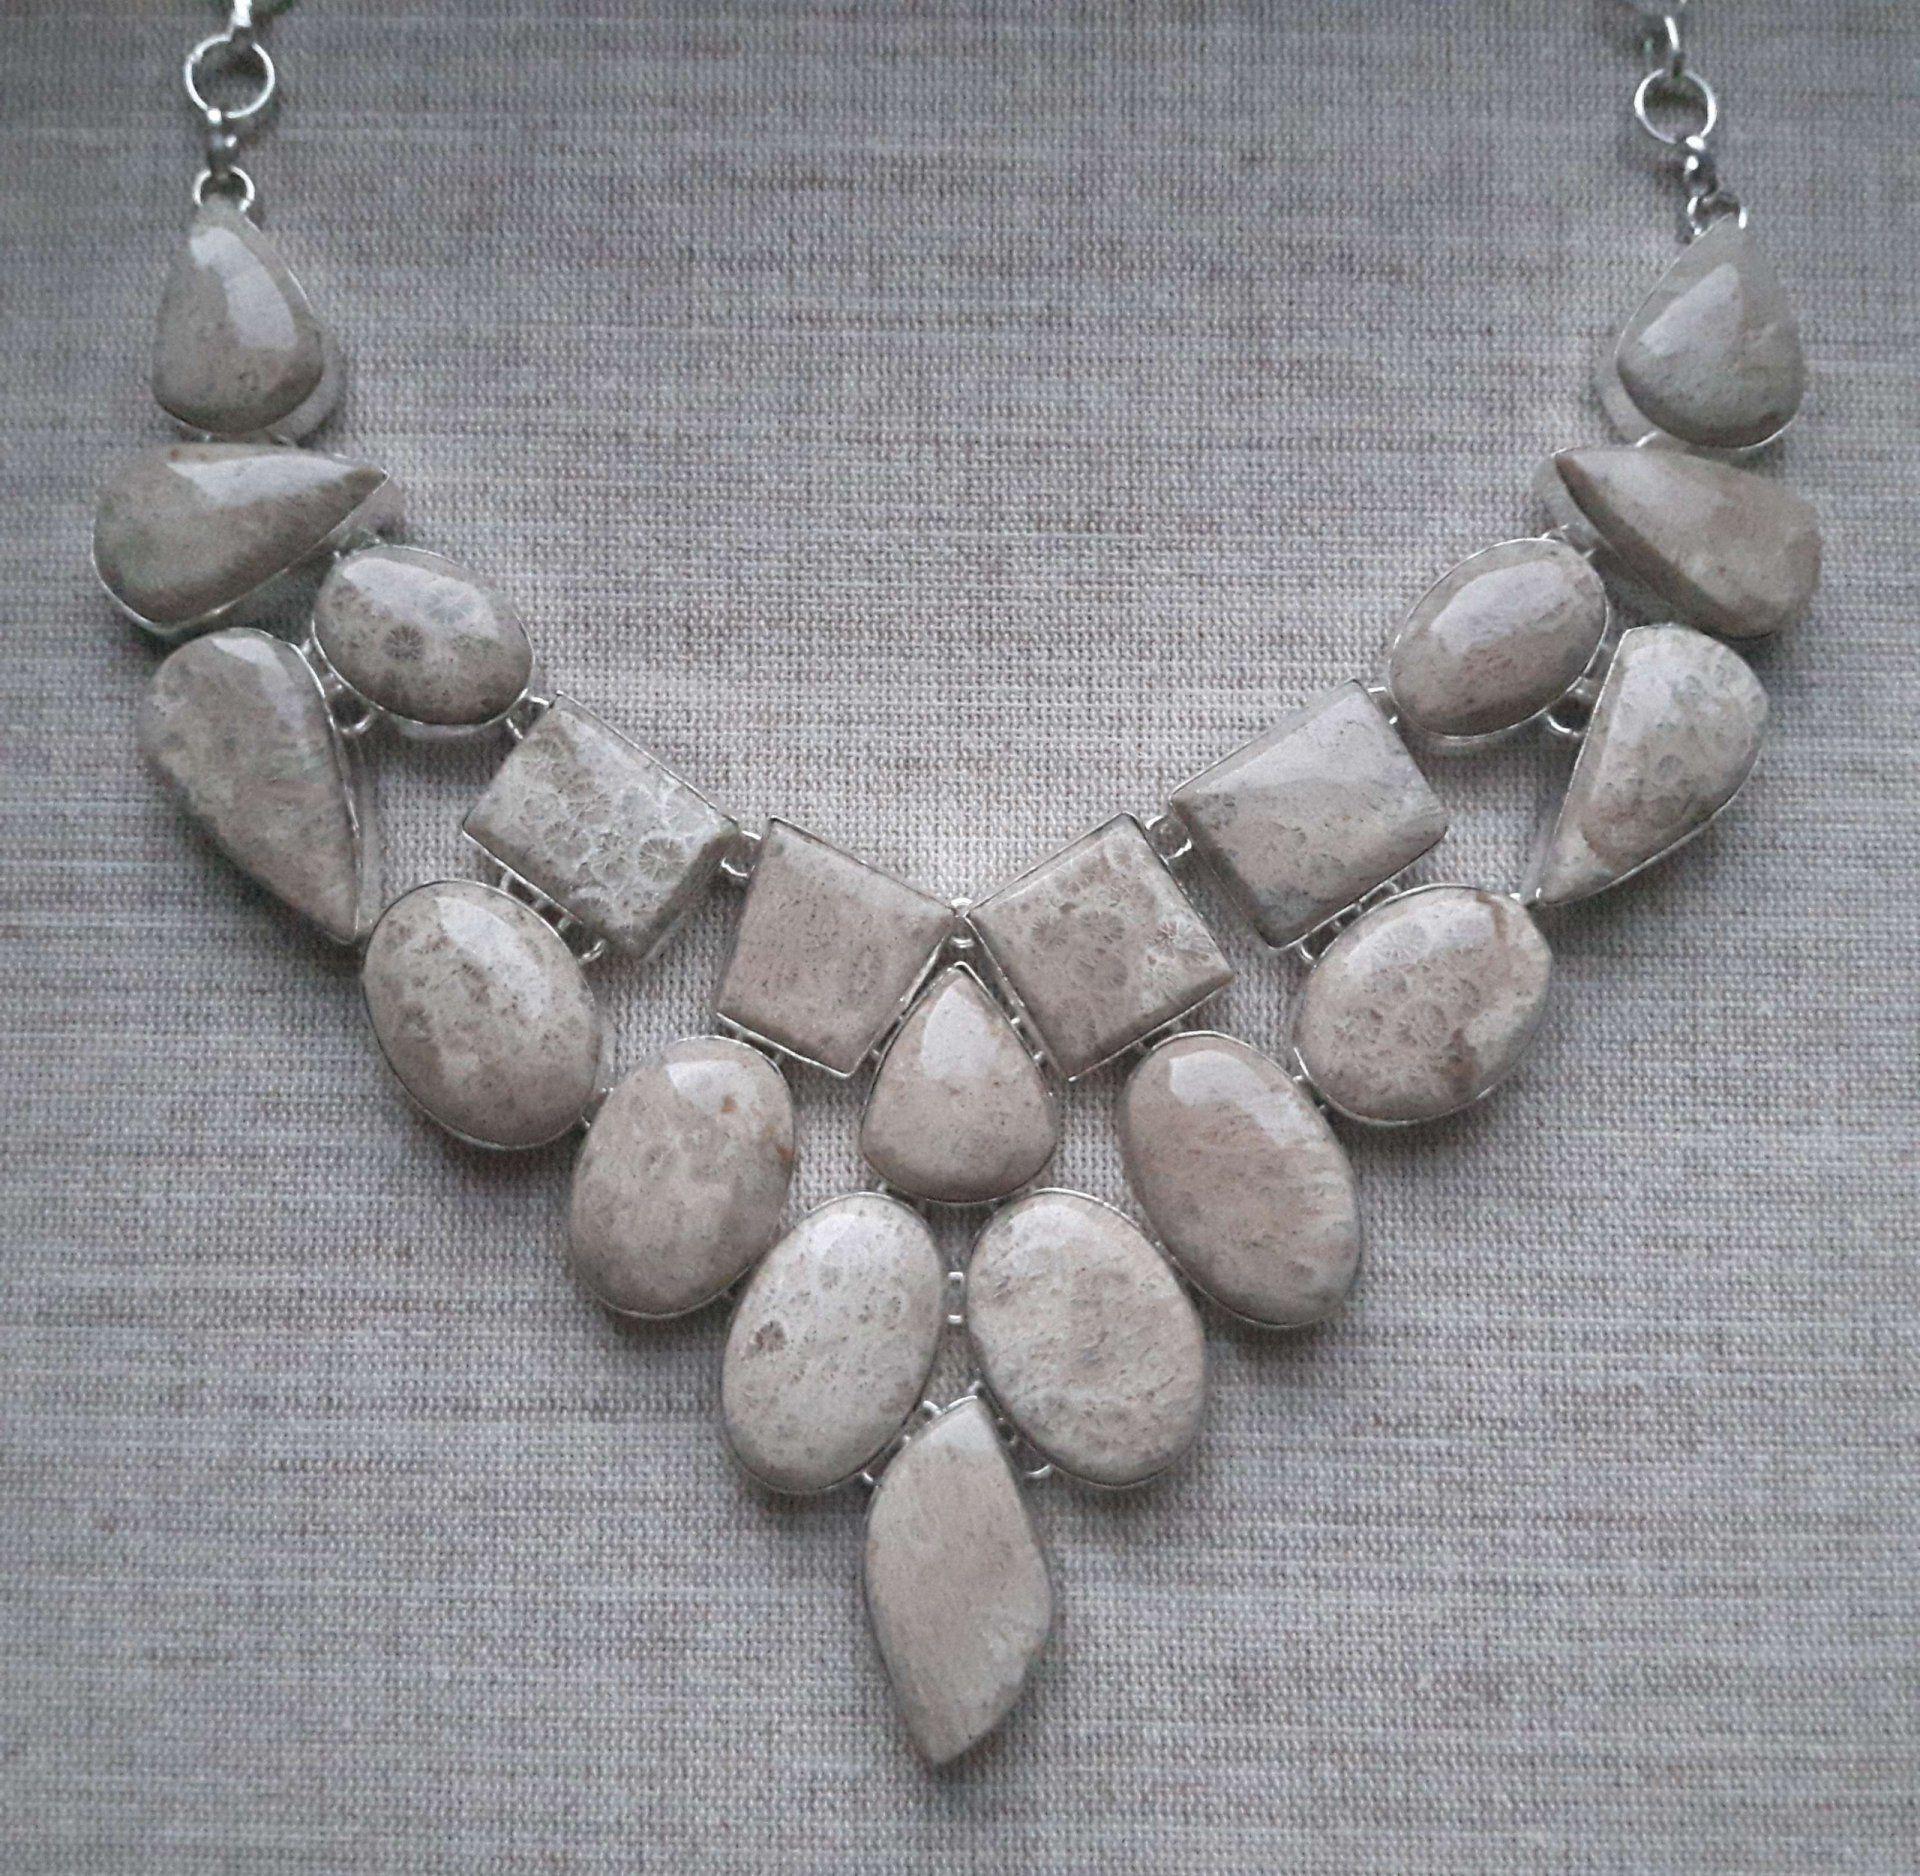 Unikat Srebrny Naszyjnik 925 Kolia Koral Fossil 6502073681 Oficjalne Archiwum Allegro Necklace Jewelry Silver